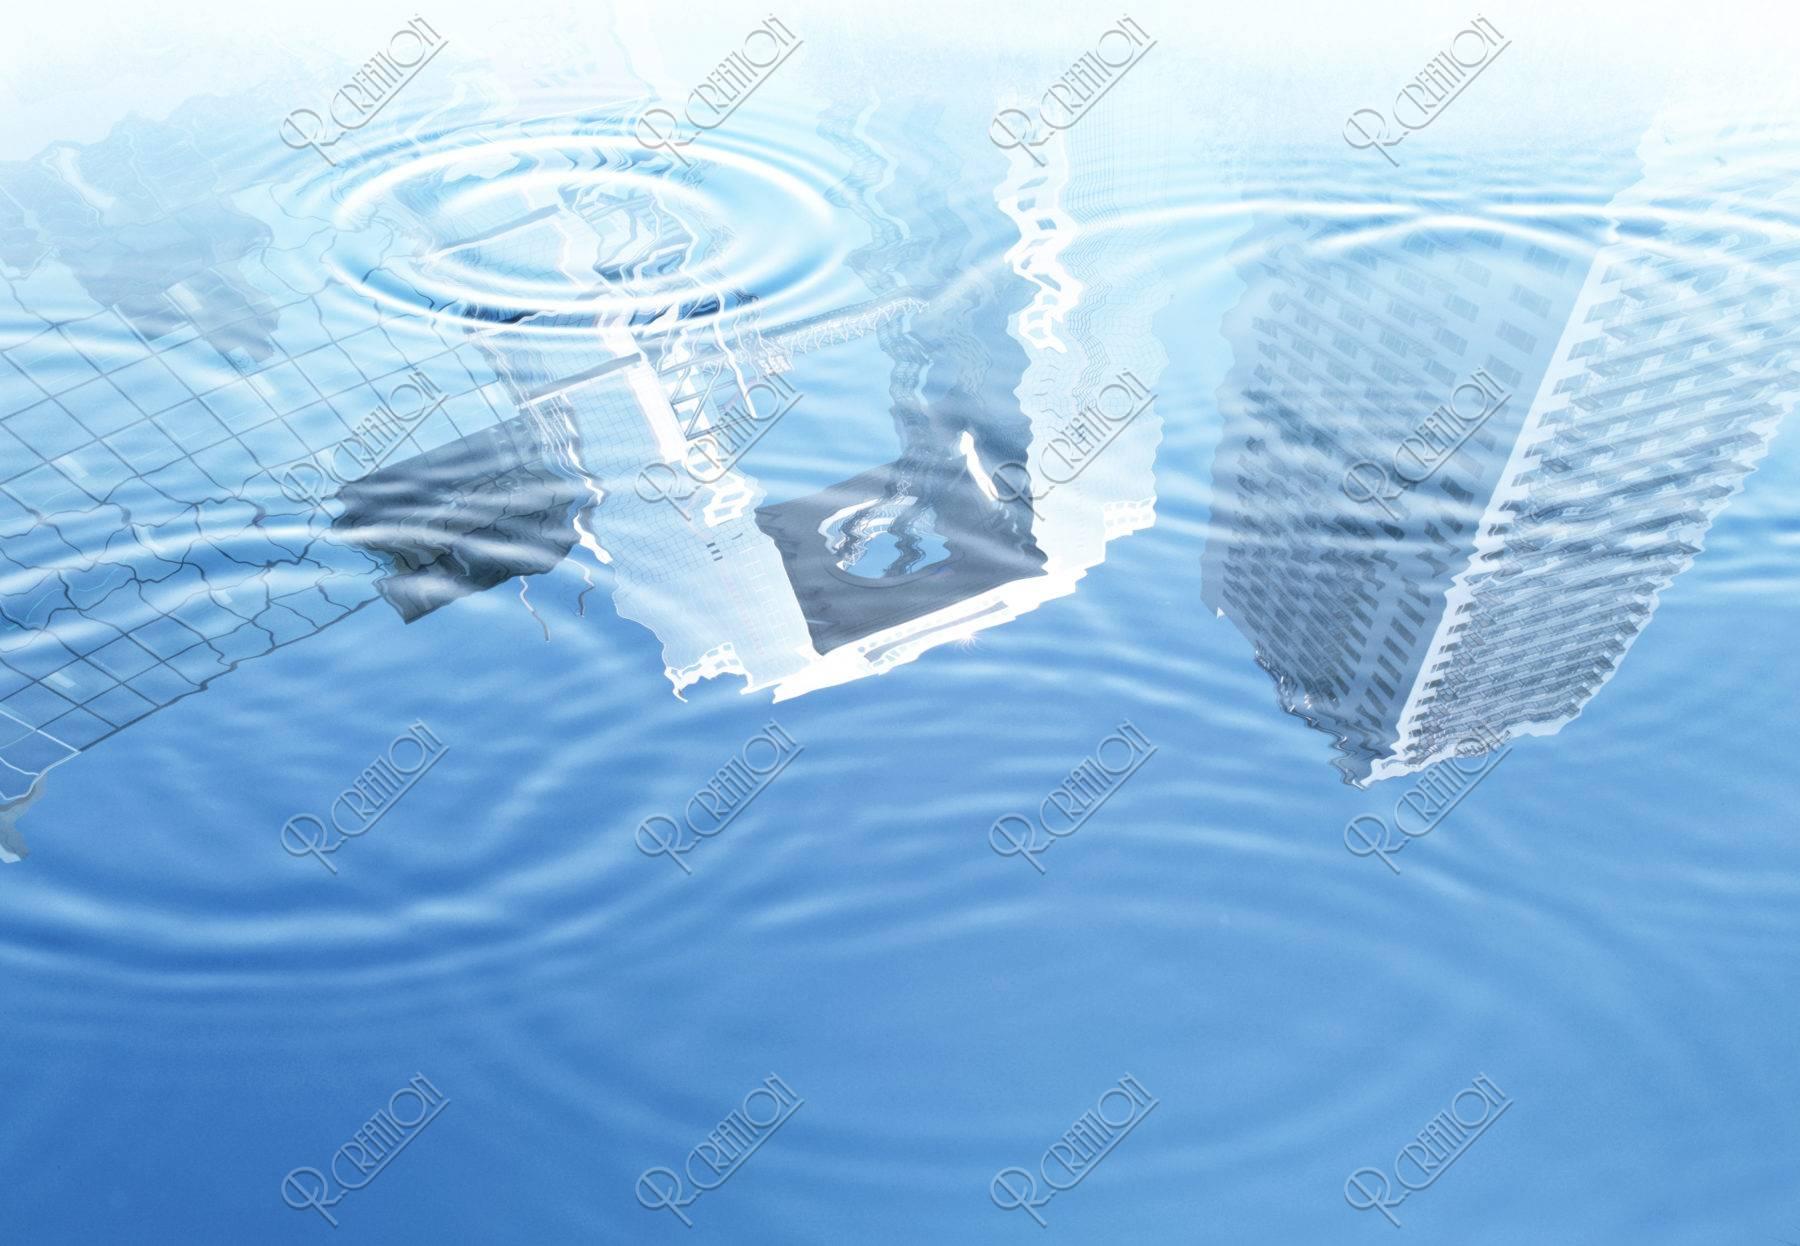 水面に映る大阪のビル群